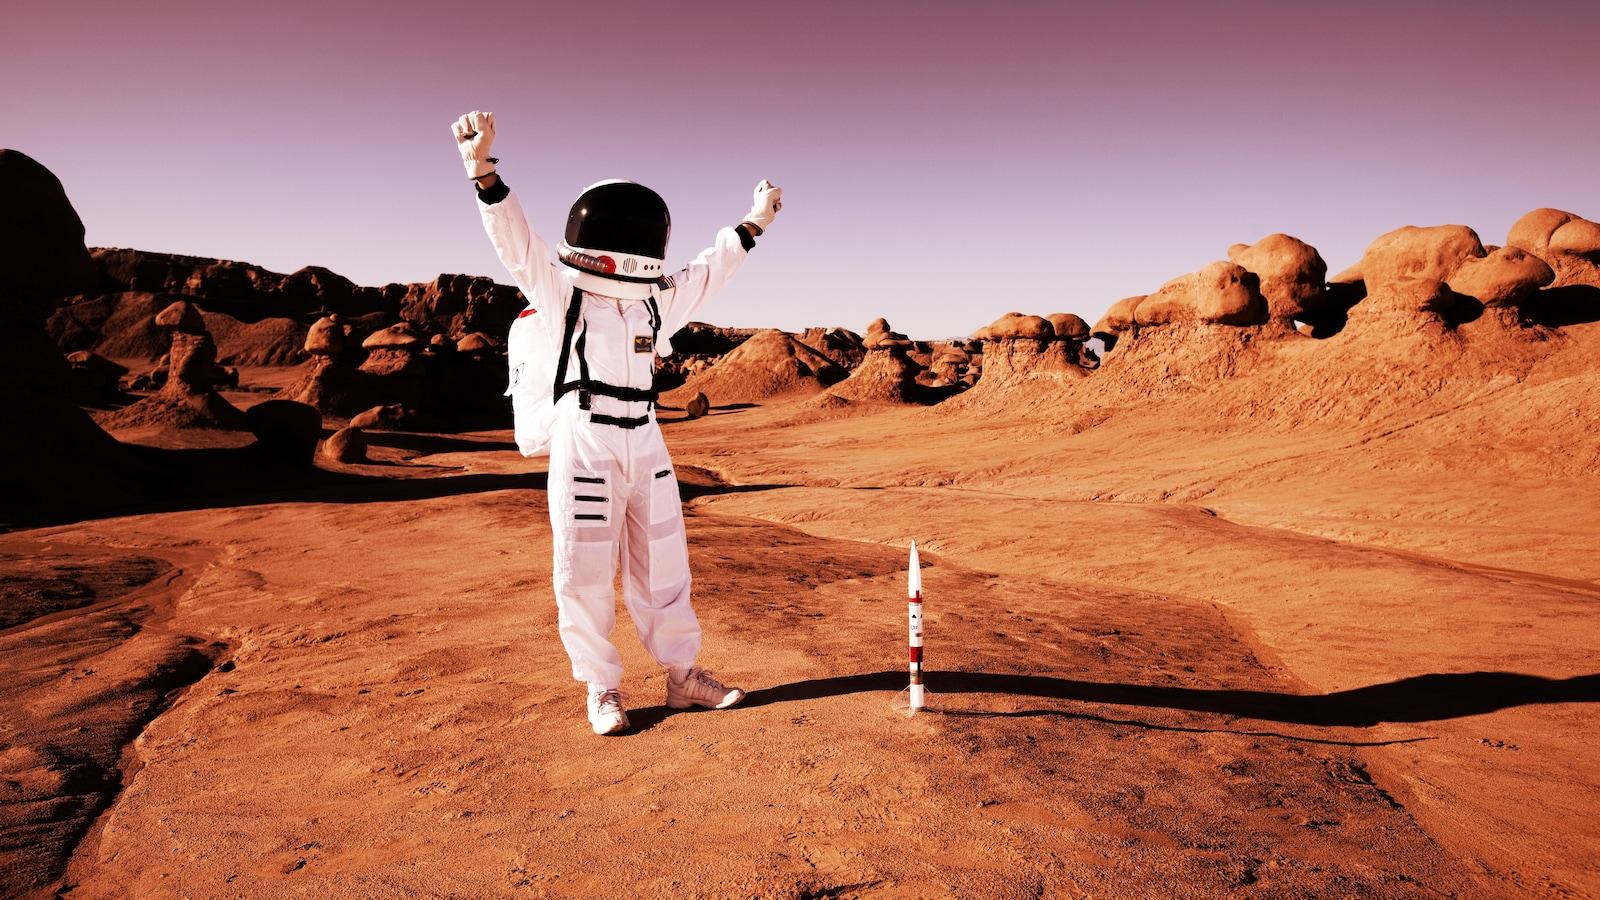 Image représentant un astronaute faisant le signe de la victoire sur une surface rouge ressemblant à celle de la planète Mars.